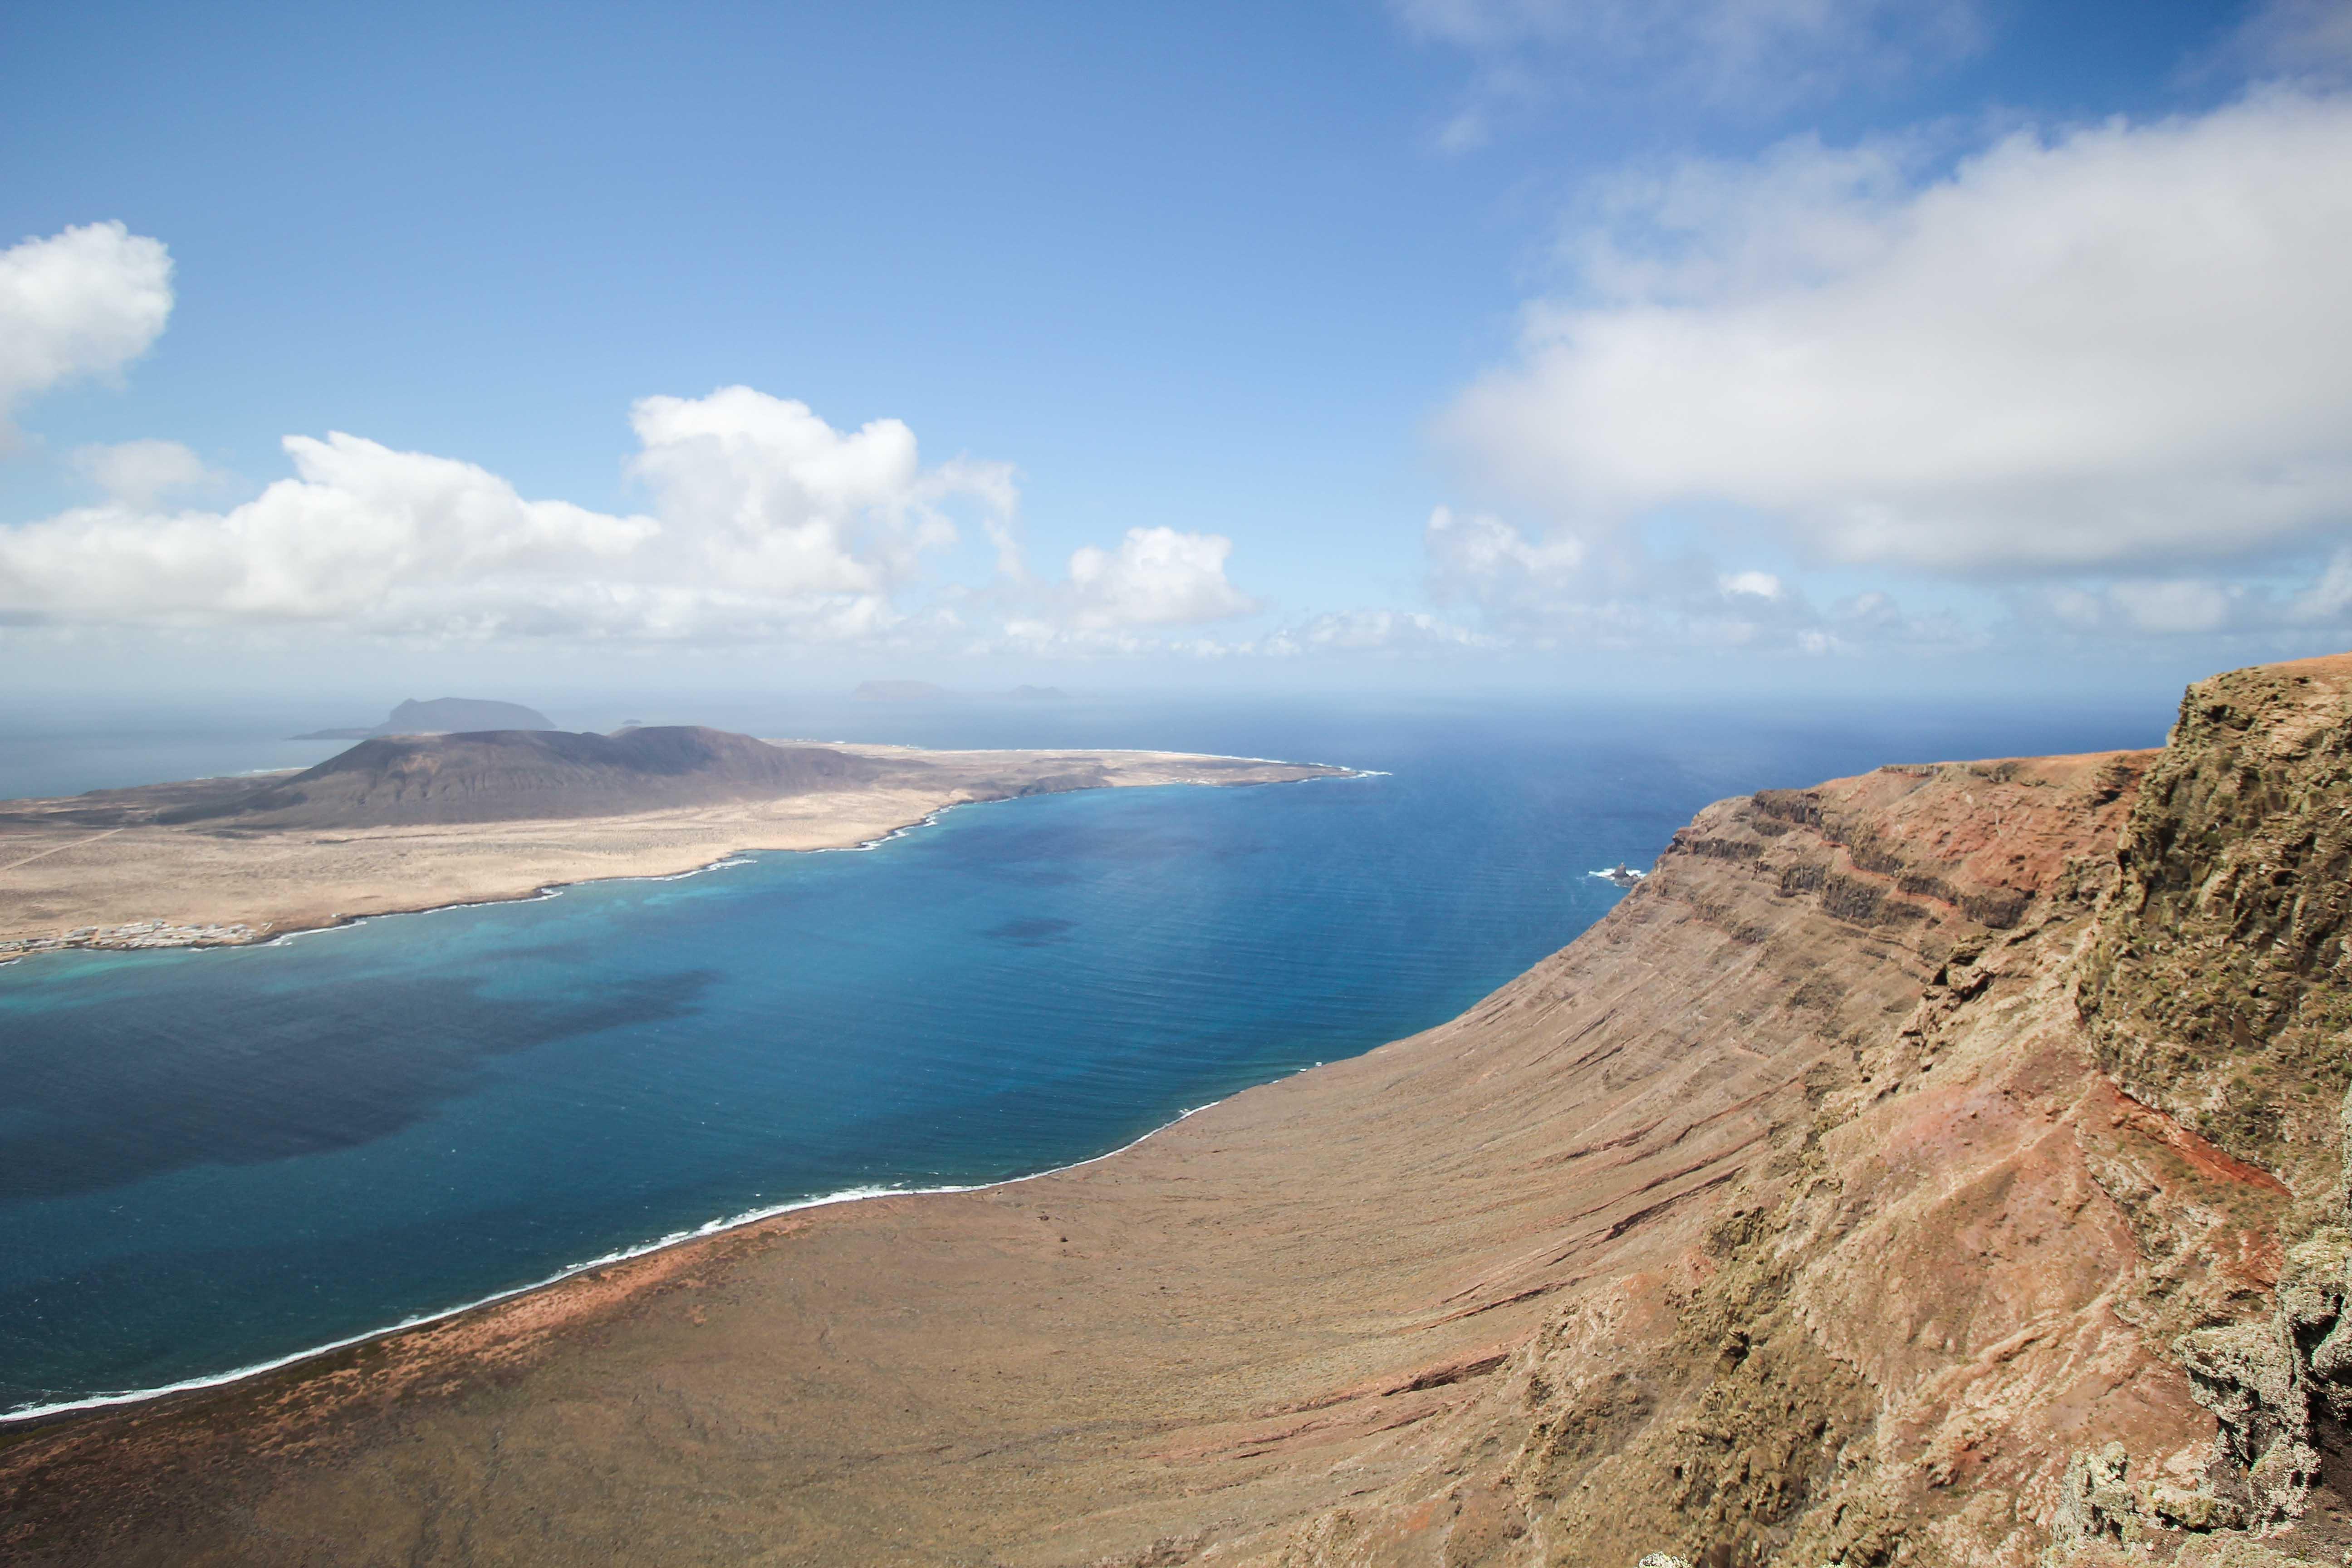 Top 10 Tipps Lanzarote Sehenswürdigkeiten Insider Tipps Lanzarote Spanien Mirador del Rio InselLa Graciosa Ausblick